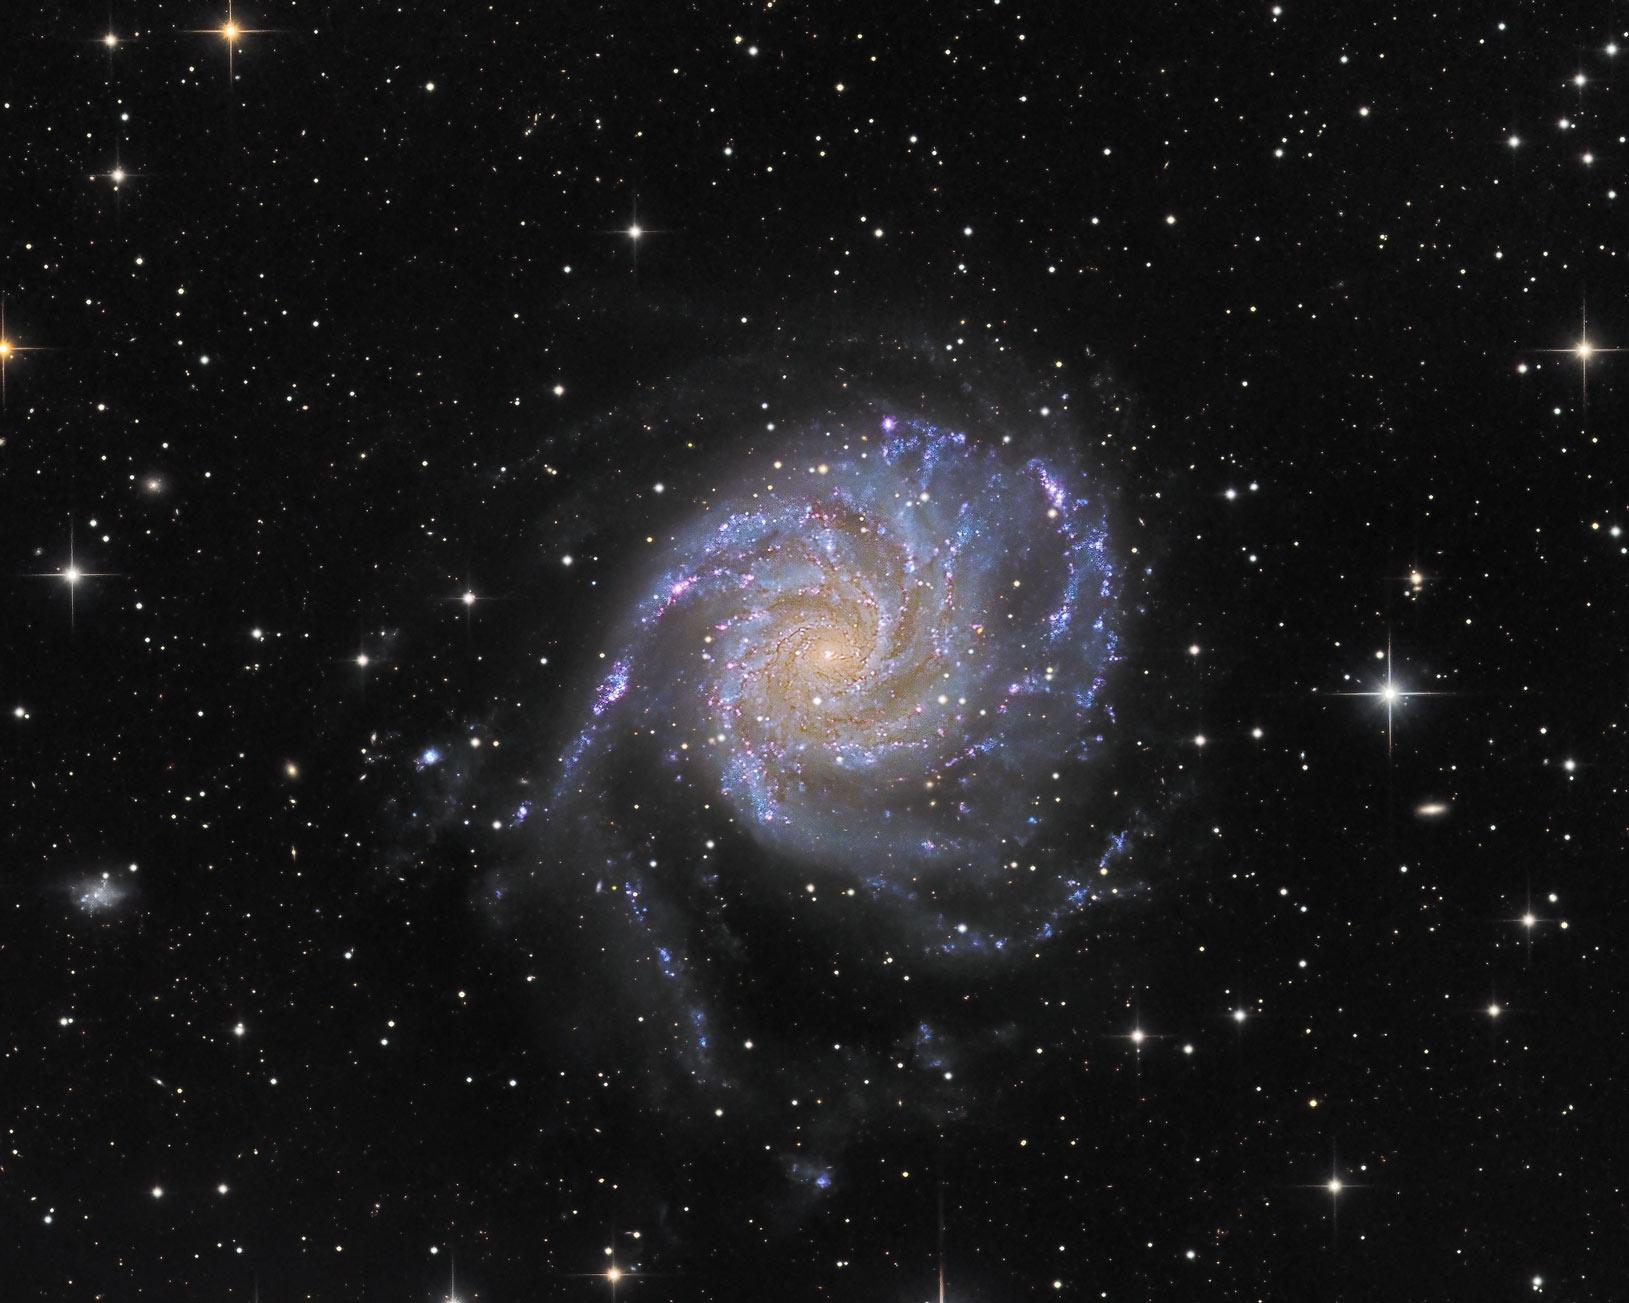 Fotografie der Galaxie Messier 101